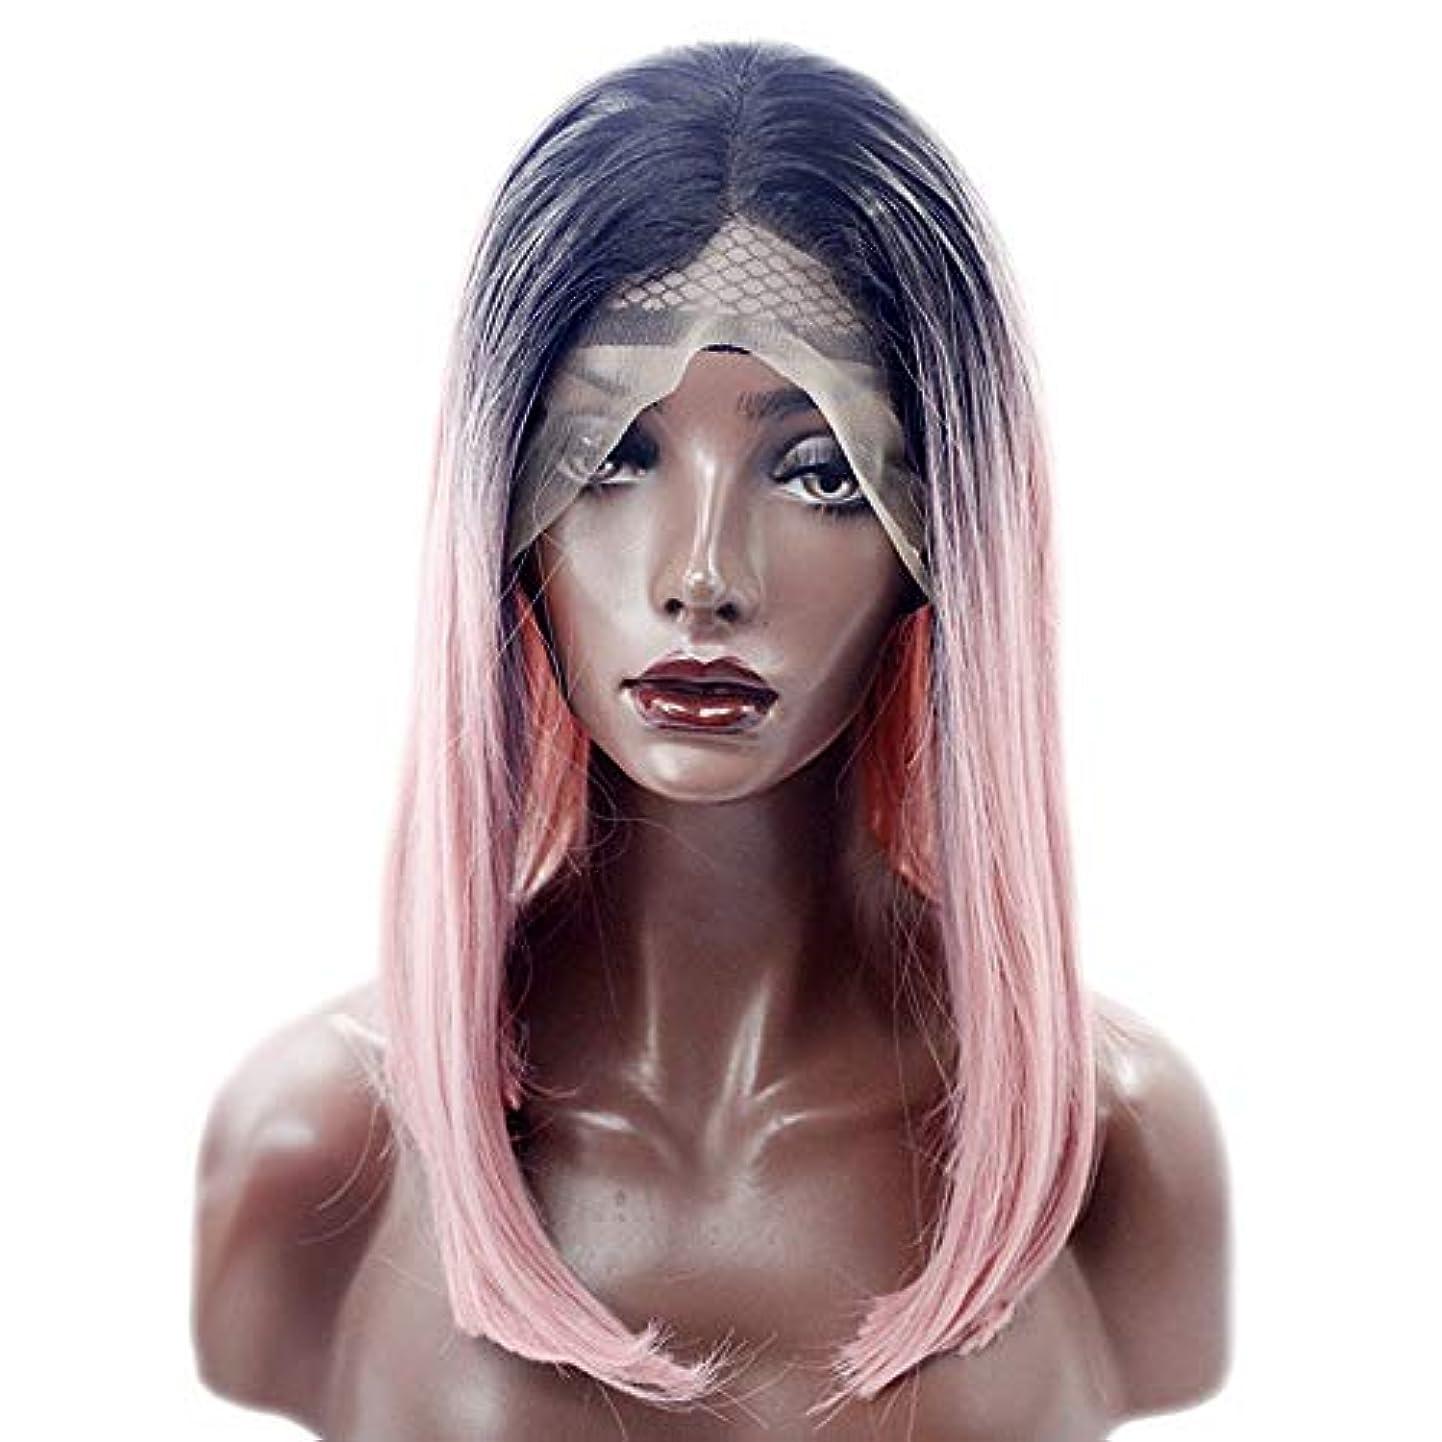 相対サイズ公式意図YOUQIU 女性のかつらのフロント合成かつらピンクボブウィッグストレート肩の耐熱髪をひもで締めます (色 : ピンク)